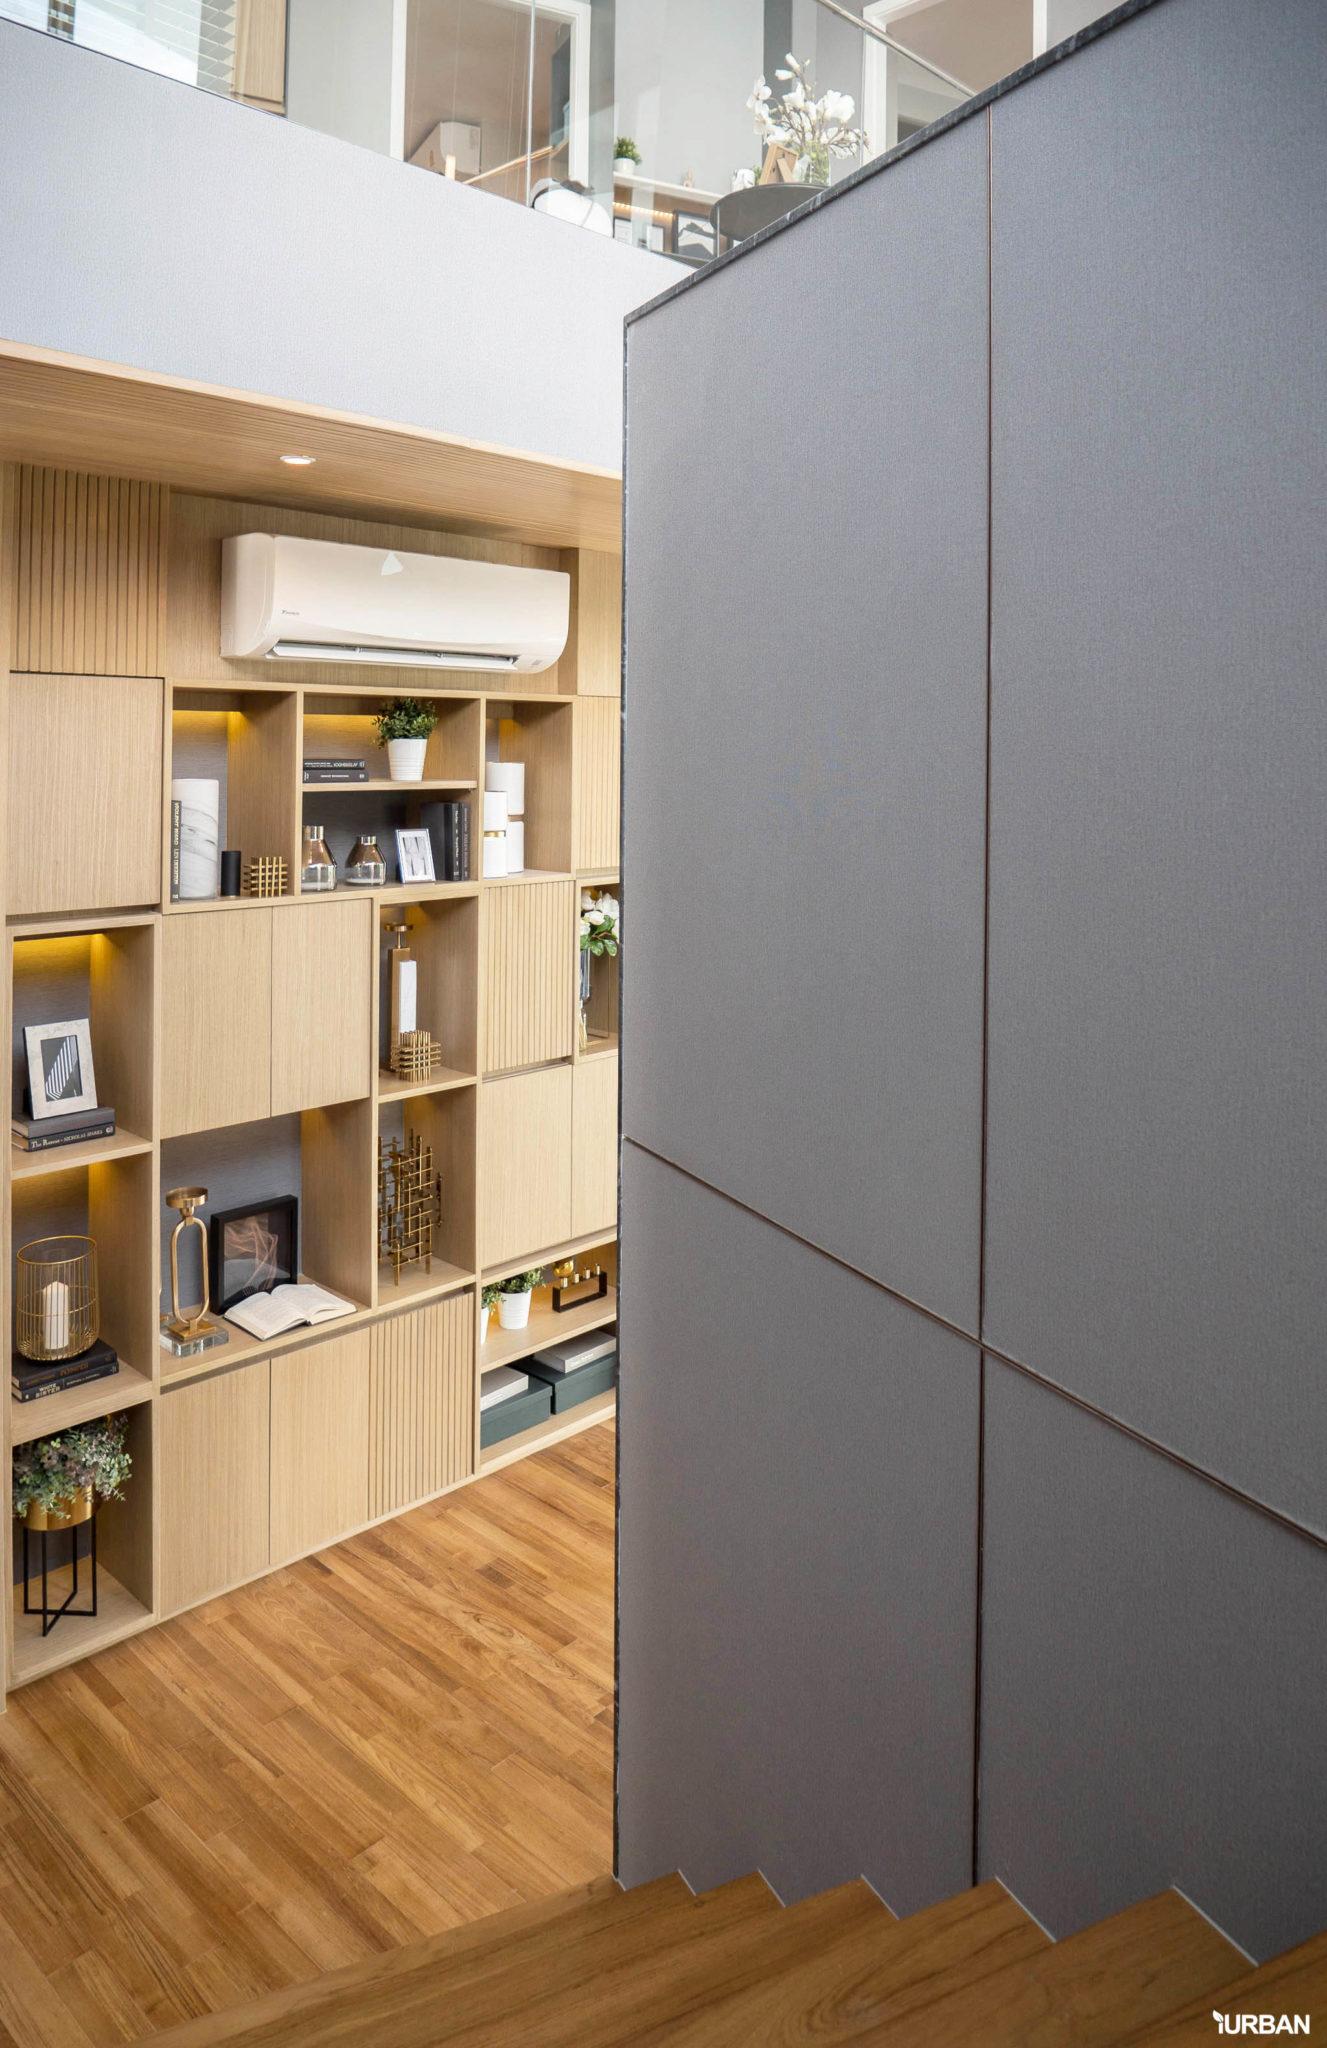 รีวิว Nirvana BEYOND Udonthani บ้านเดี่ยว 3 ชั้น ดีไซน์บิดสุดโมเดิร์น บนที่ดินสุดท้ายหน้าหนองประจักษ์ 59 - Luxury